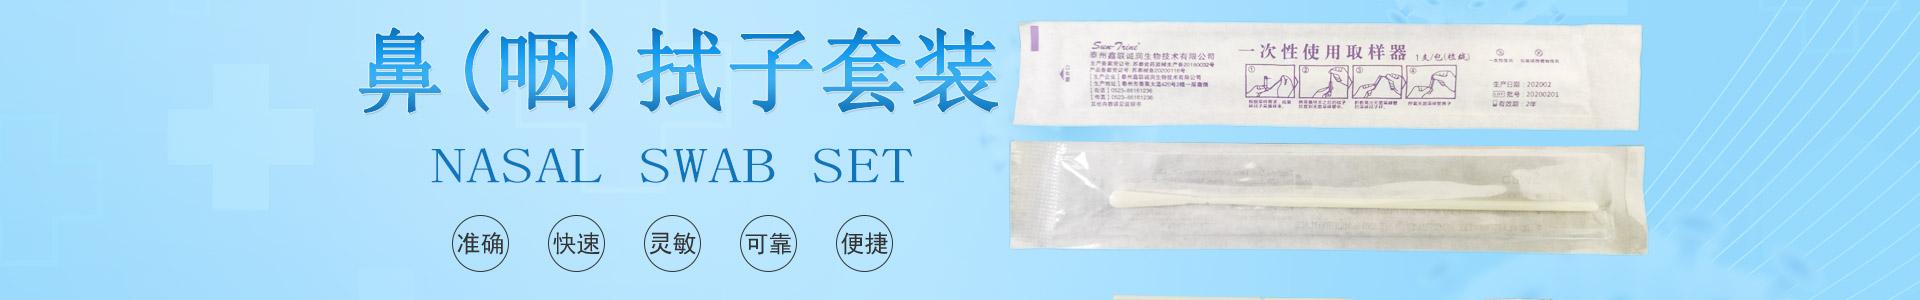 医用塑料包装代加工